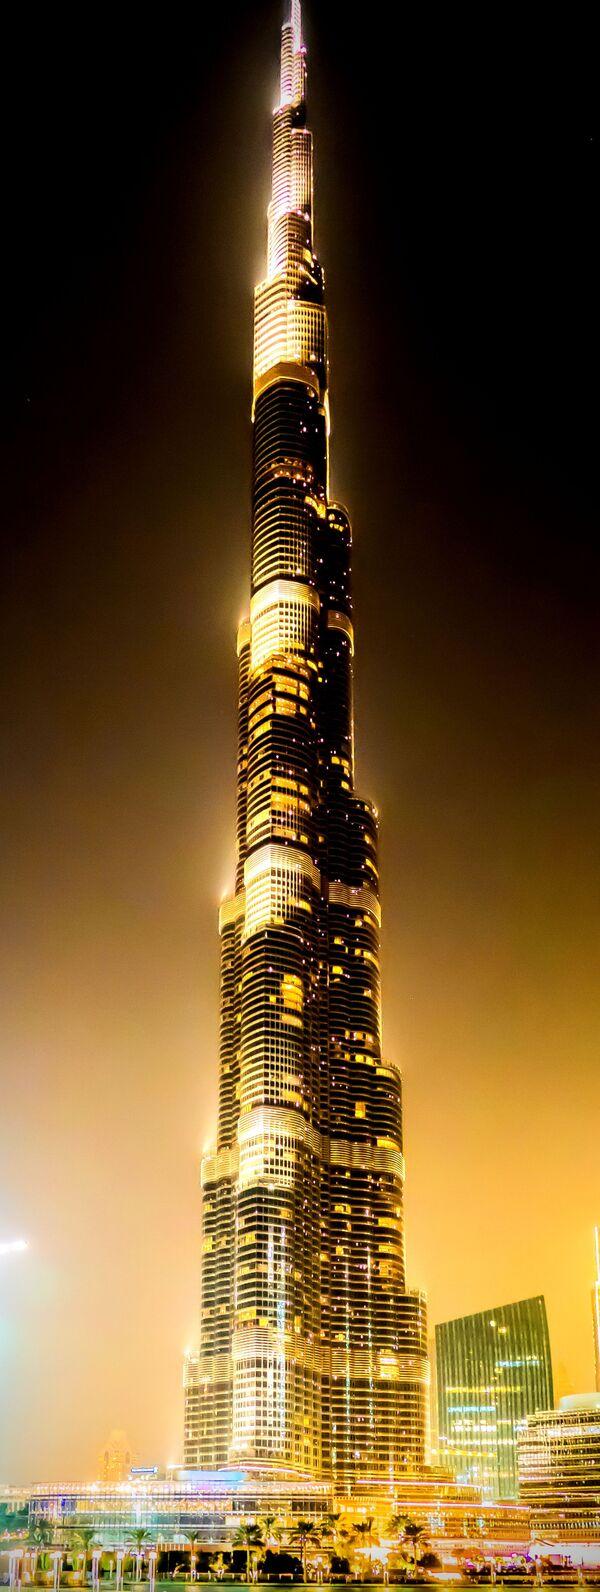 Wieża Chalify, przed otwarciem: Burdż Dubajj - wieżowiec w Dubaju, w Zjednoczonych Emiratach Arabskich - Sputnik Polska